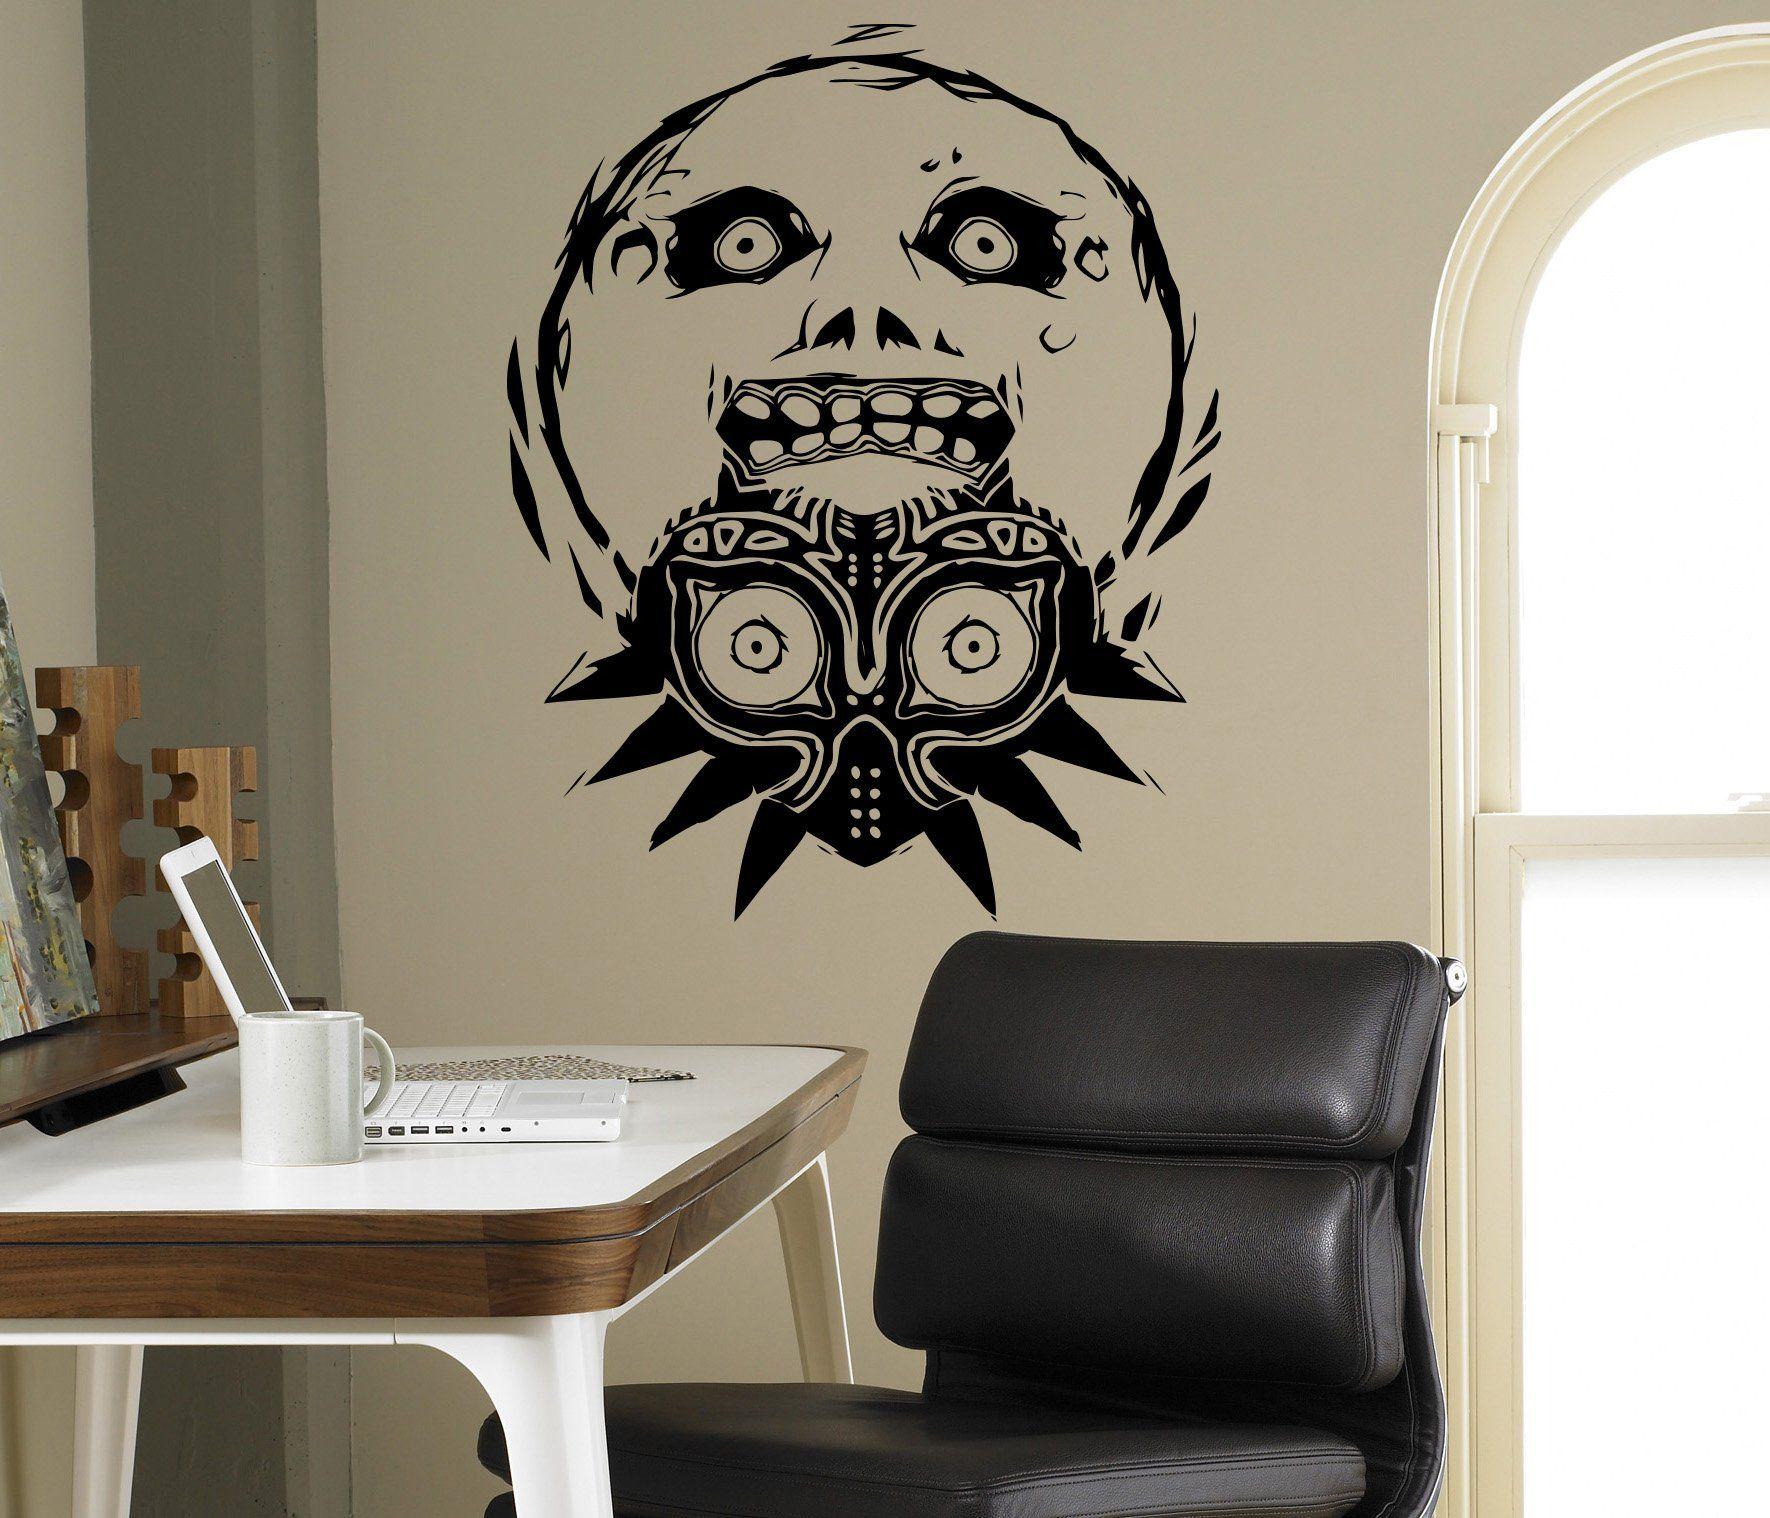 majora s mask princess zelda wall decal video game vinyl sticker majora s mask princess zelda wall decal video game vinyl sticker home interior living room decor door